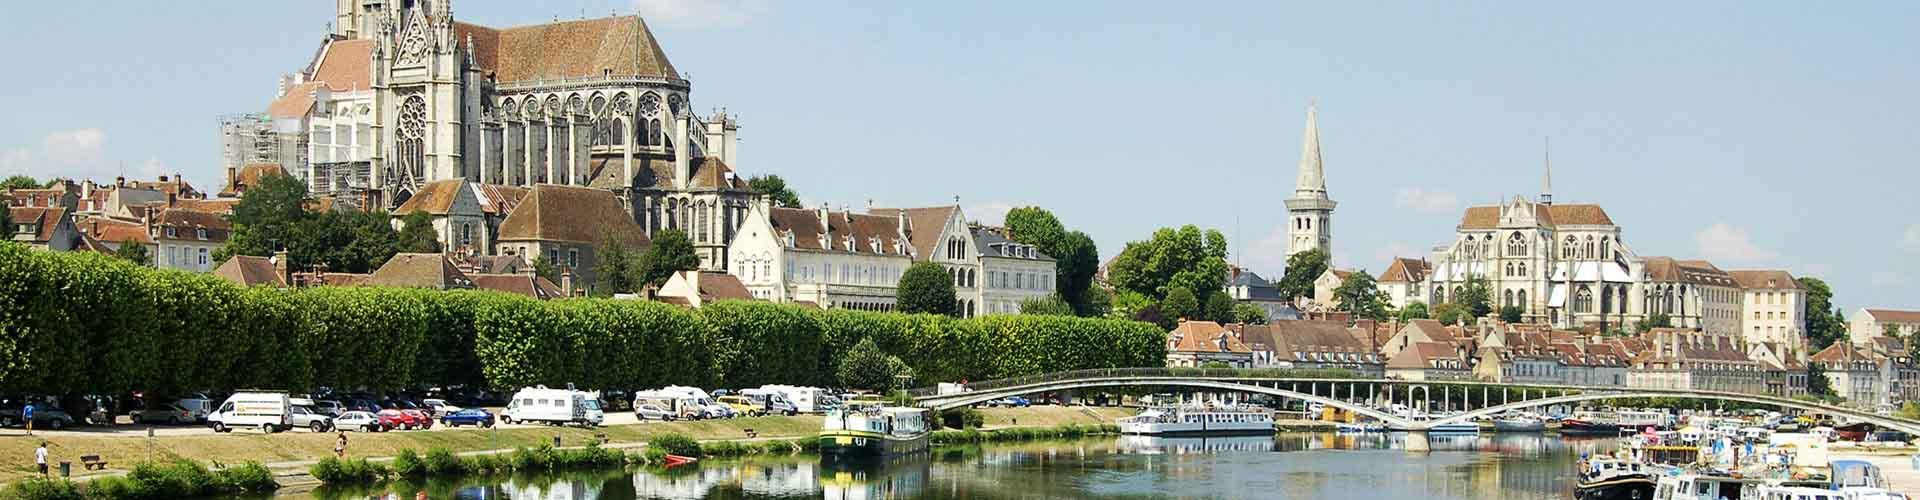 Auxerre - Auberges de jeunesse et chambres pas chères à Auxerre. Cartes de Auxerre, photos et commentaires pour chaque Auberge de jeunesse et chambre pas chère à Auxerre.